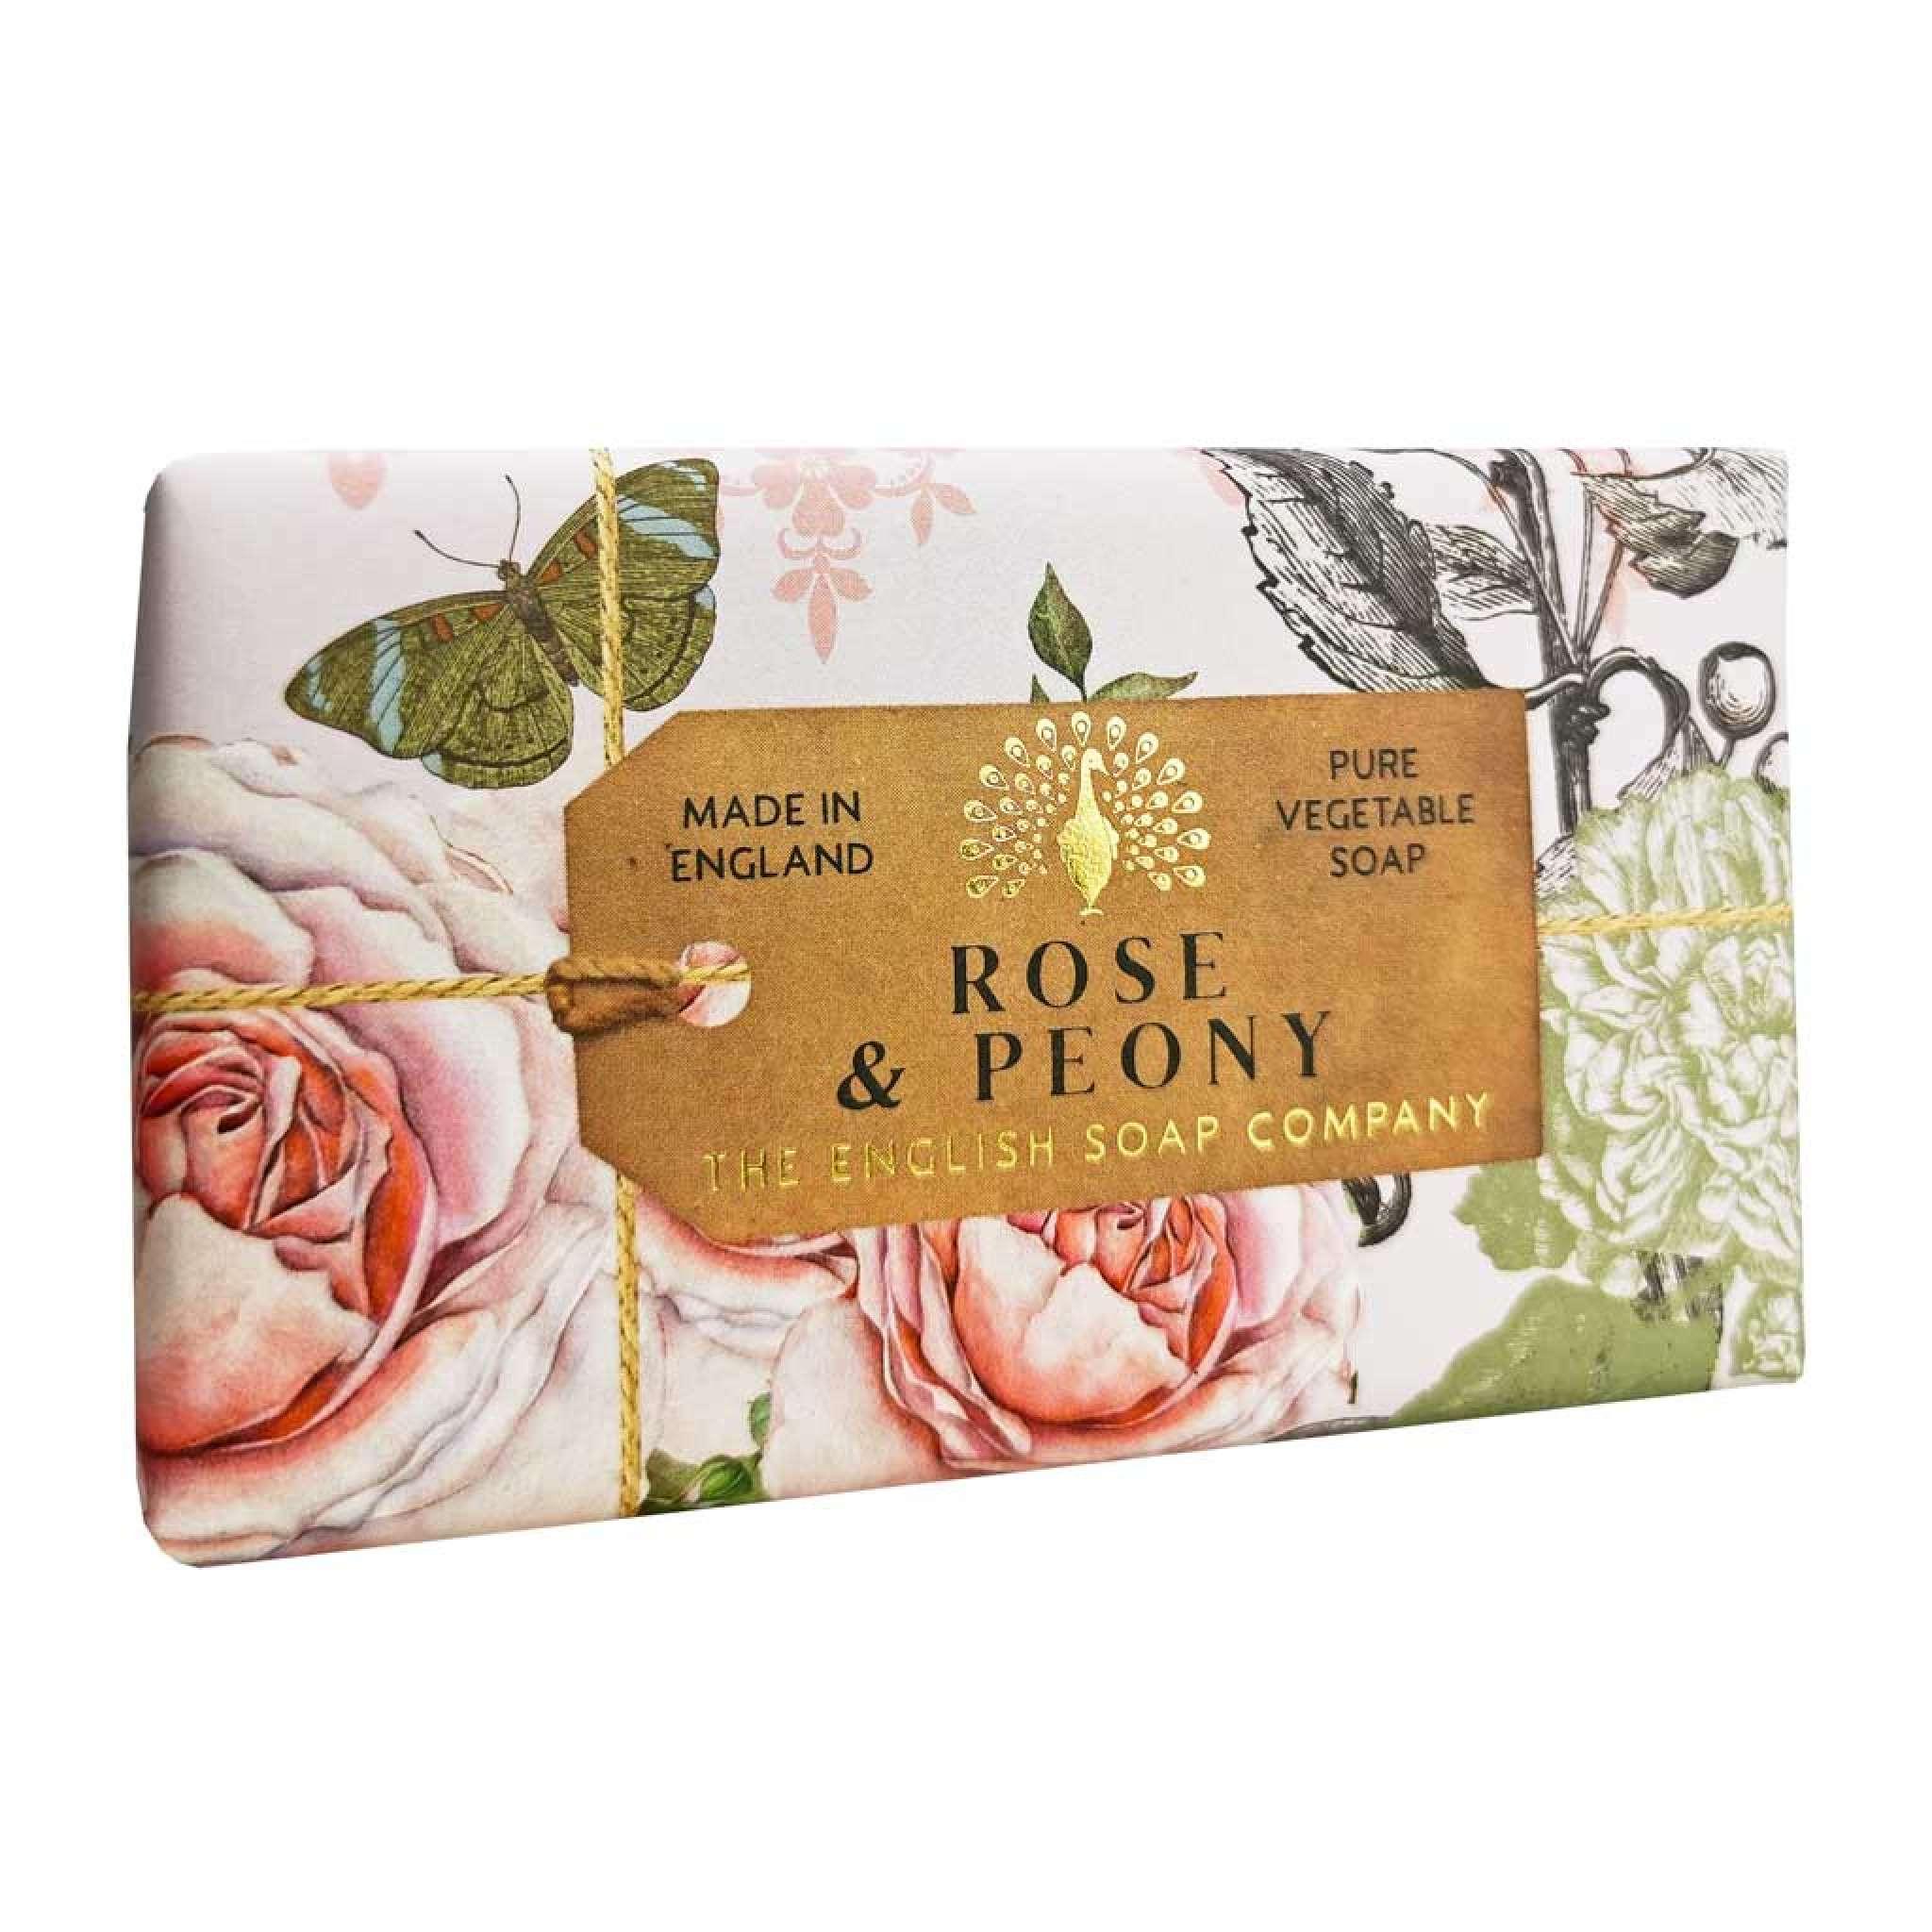 Rose & Peony Anniversary Saippua